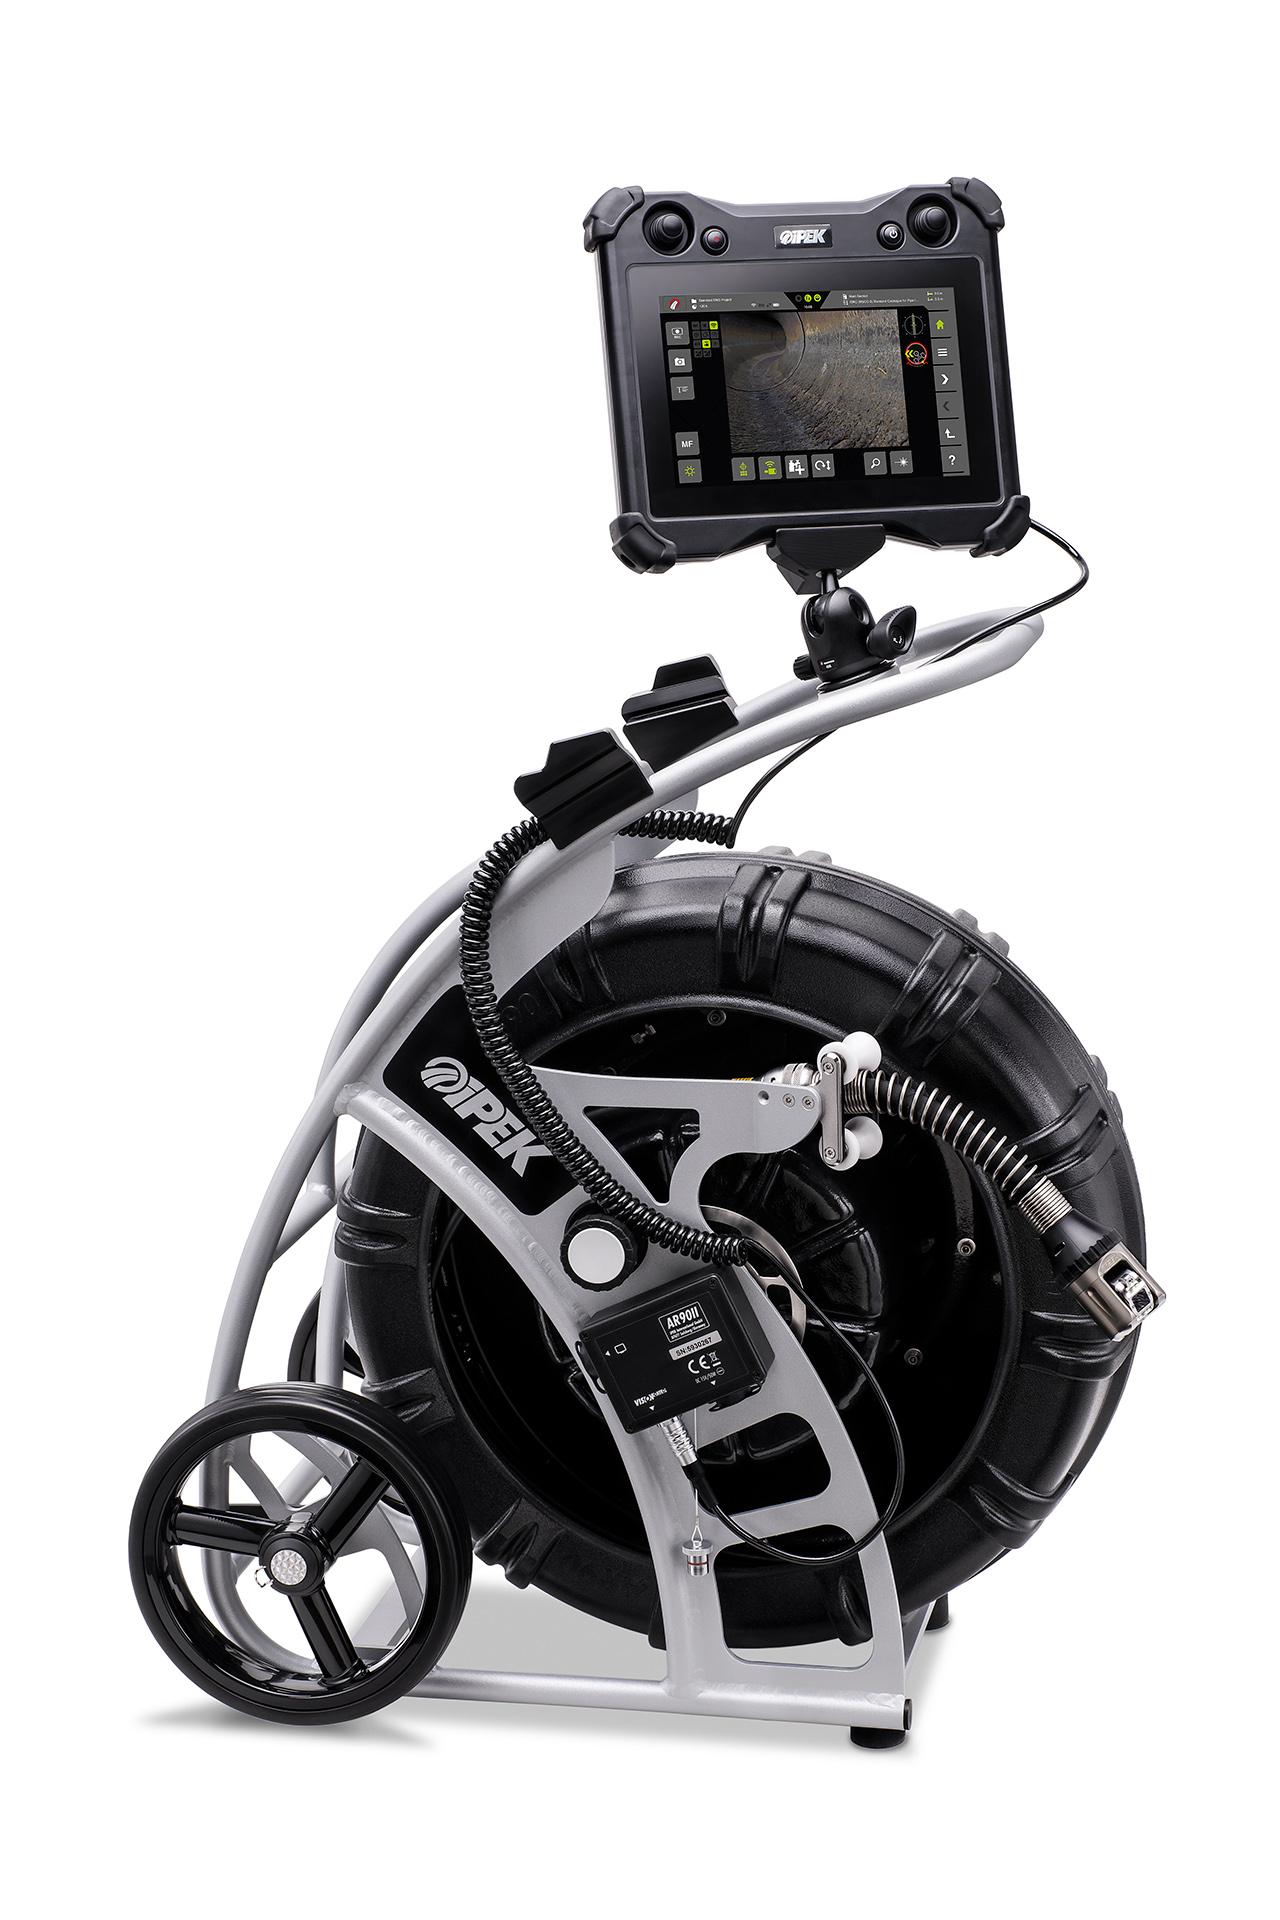 tête motorisée pour camera